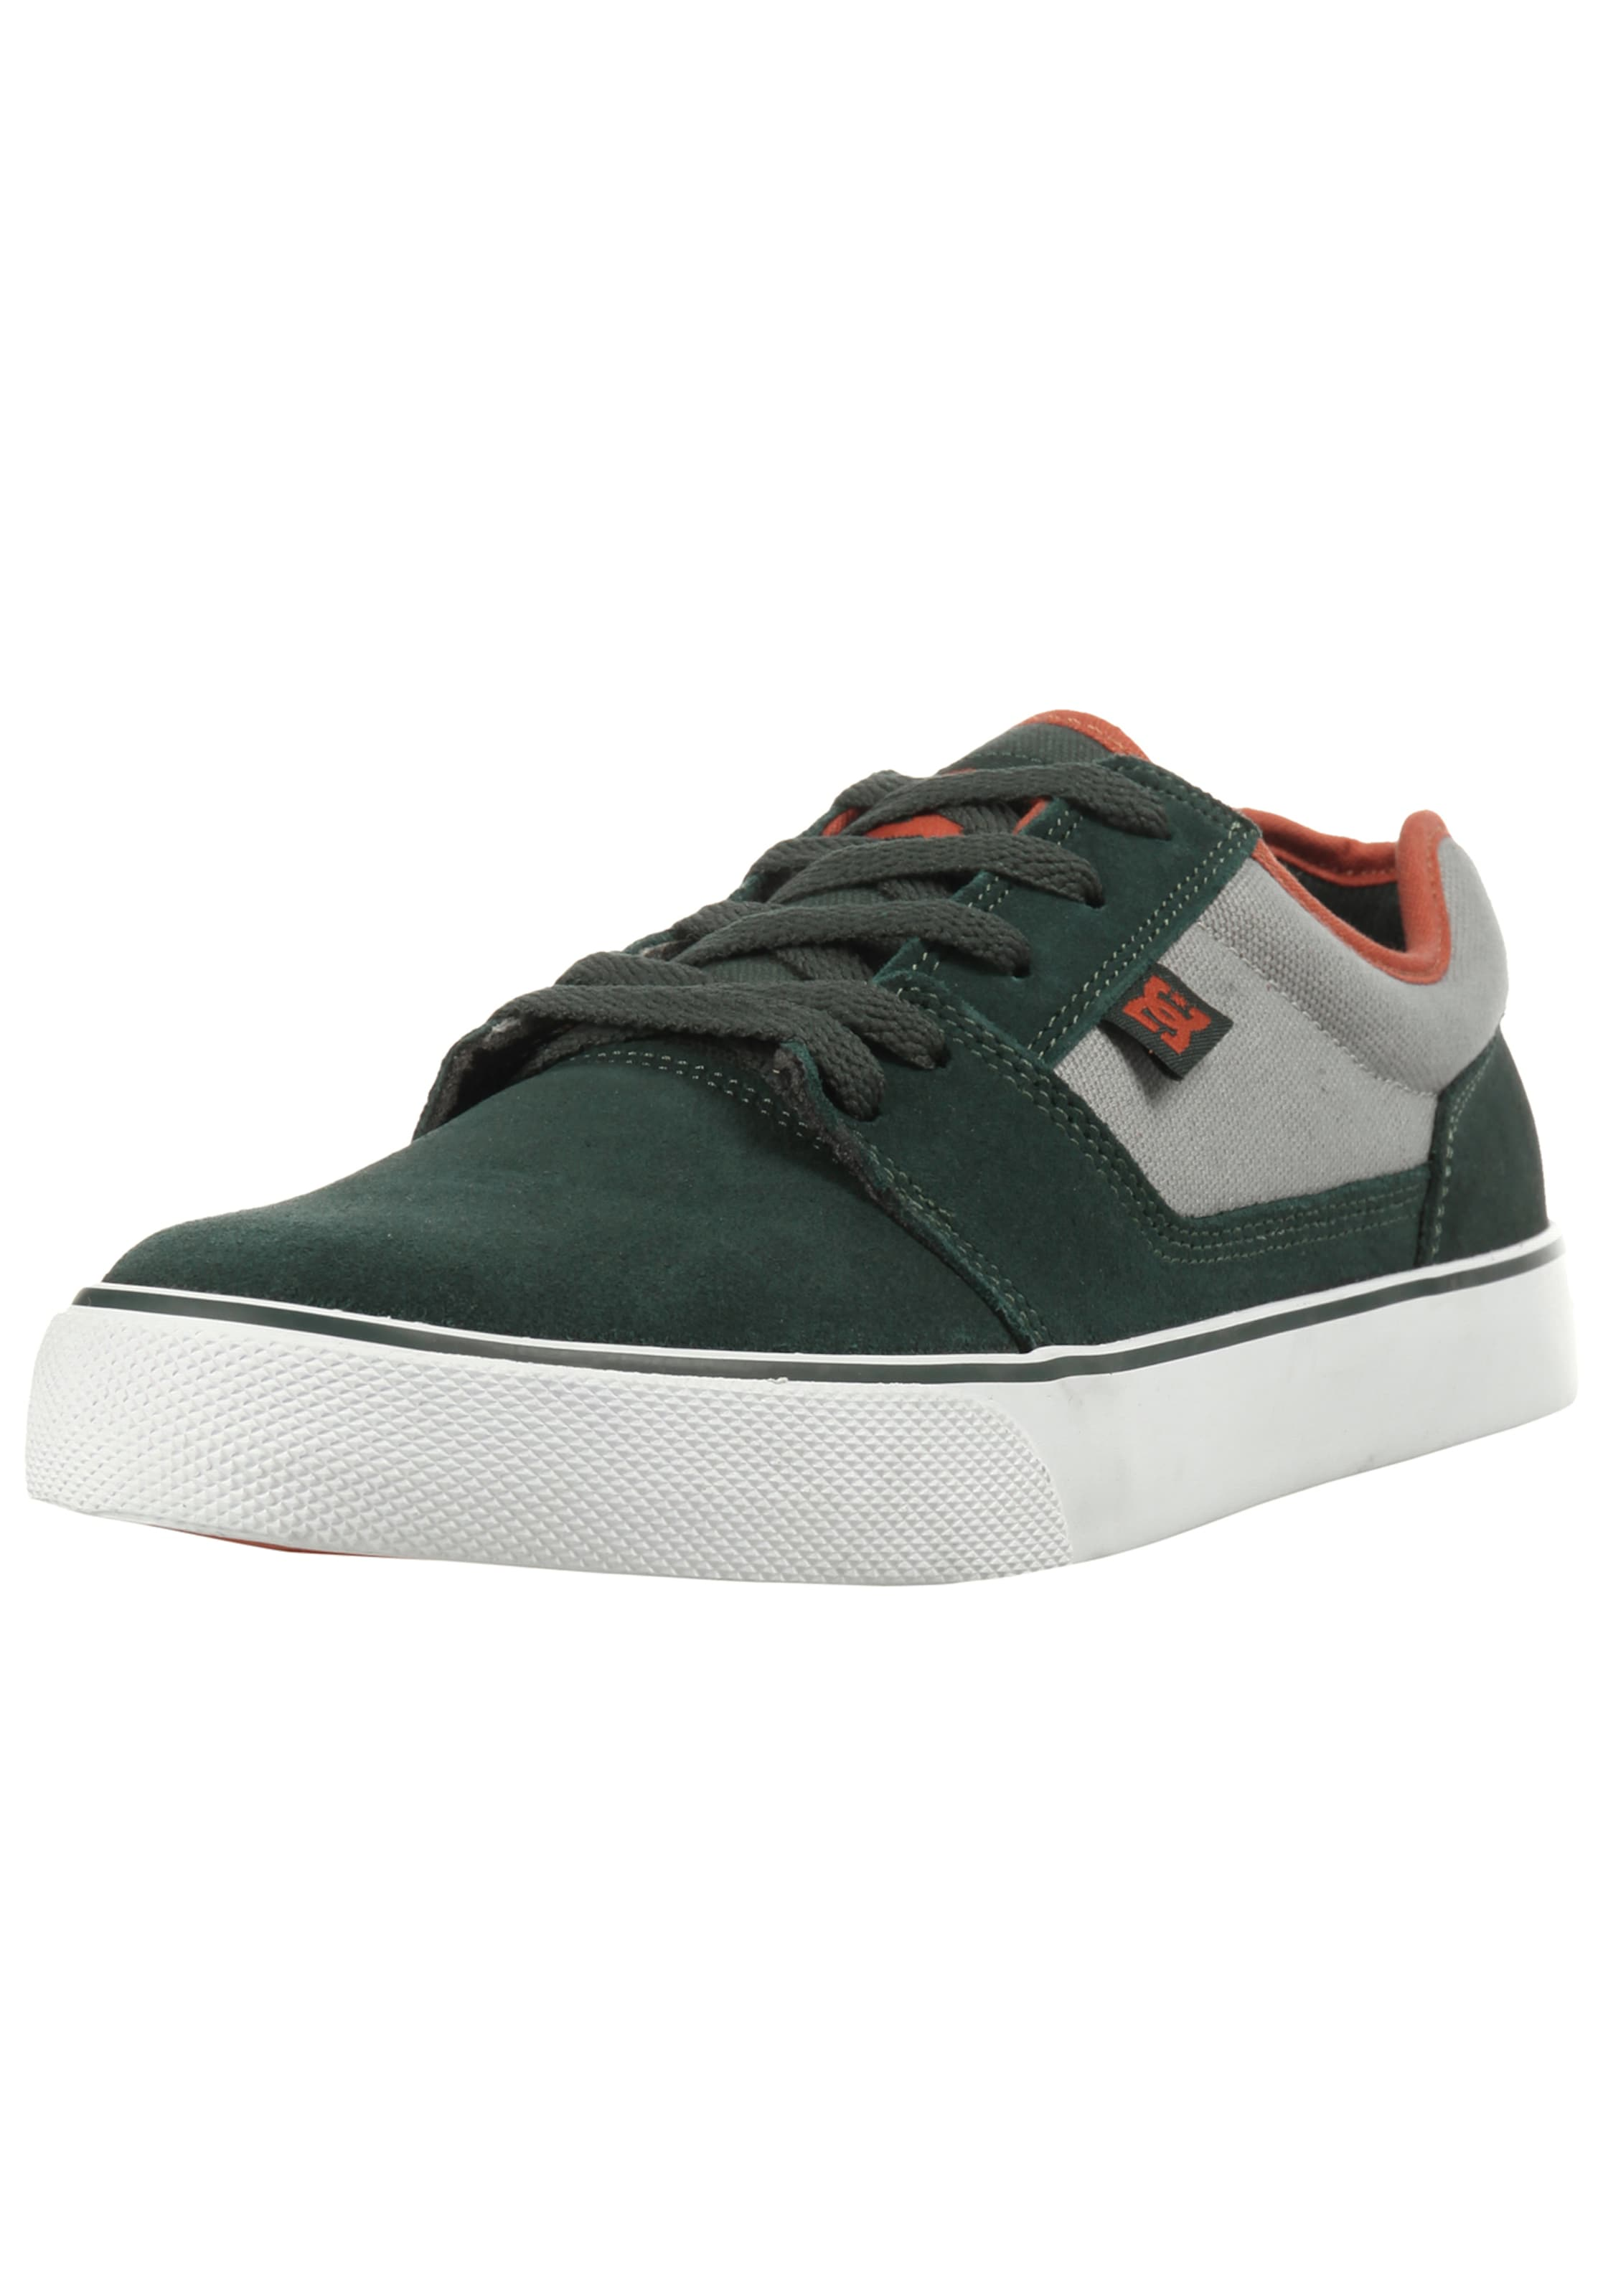 Sneaker Shoes 'tonik' Dc In HellgrauTanne lT1JcFK